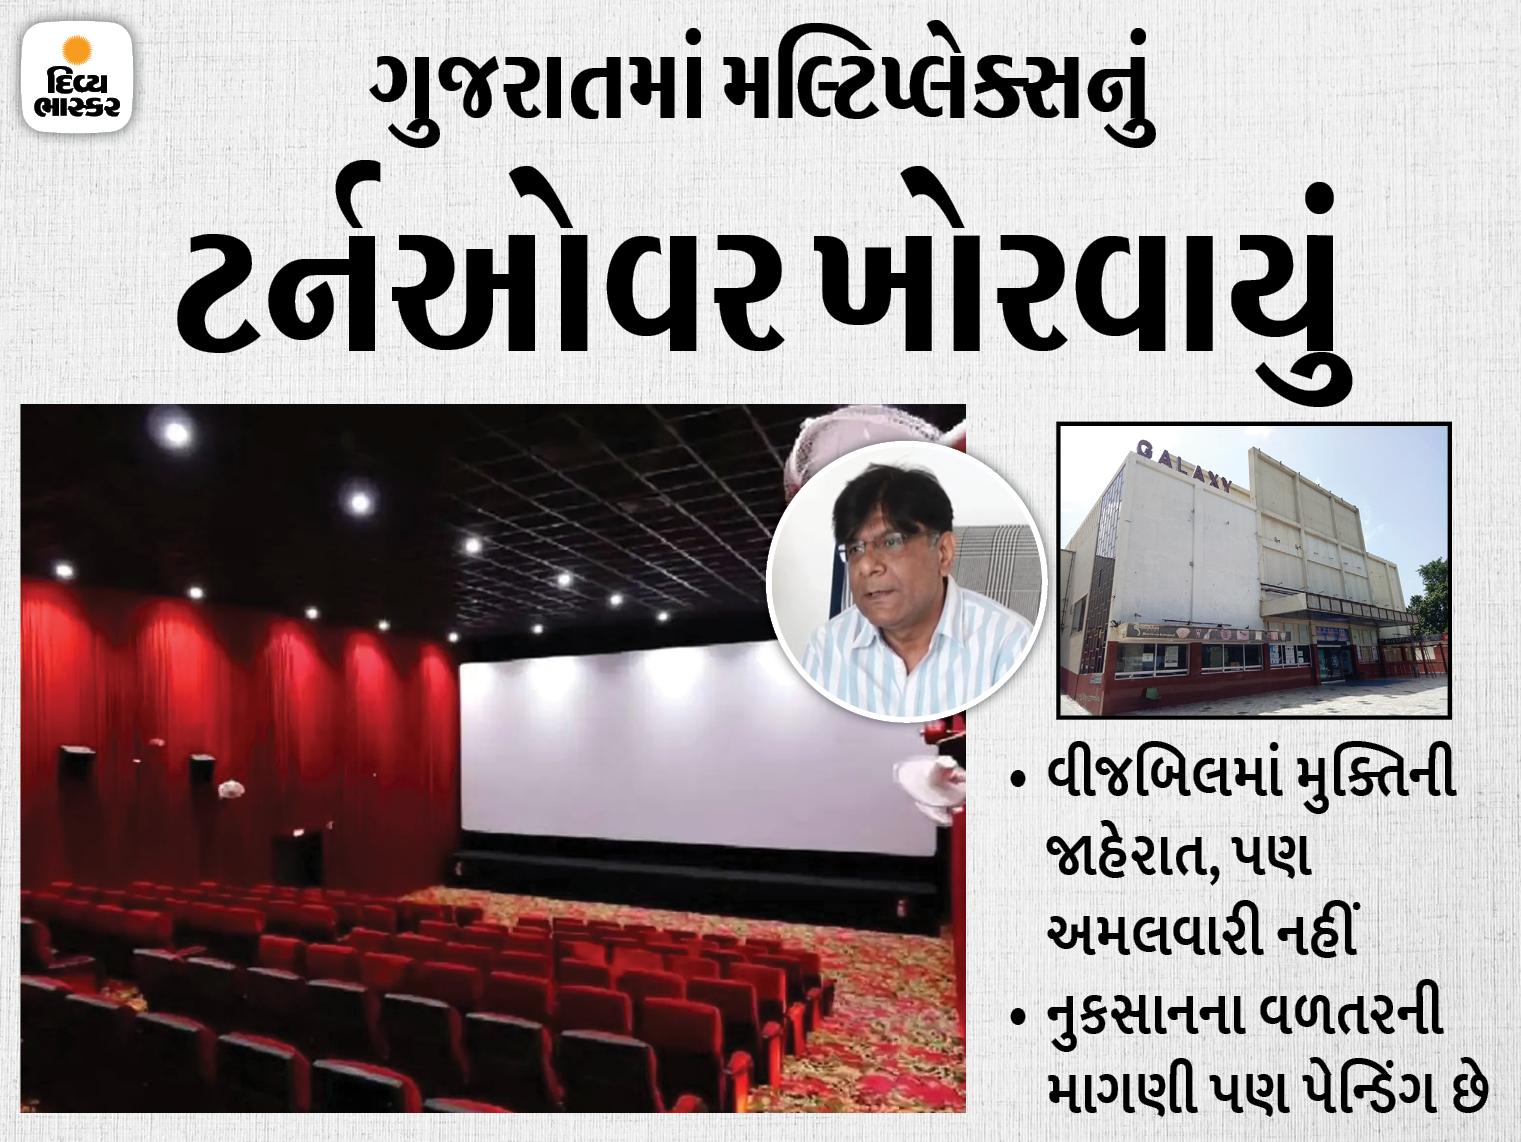 રાજ્યના થિયેટર-માલિકોની કપરી સ્થિતિ, 2 વર્ષમાં અંદાજે રૂ.3 હજાર કરોડનું નુકસાન, માલિકોની માગ- સરકાર છેલ્લાં બે વર્ષના GST માફ કરે|રાજકોટ,Rajkot - Divya Bhaskar